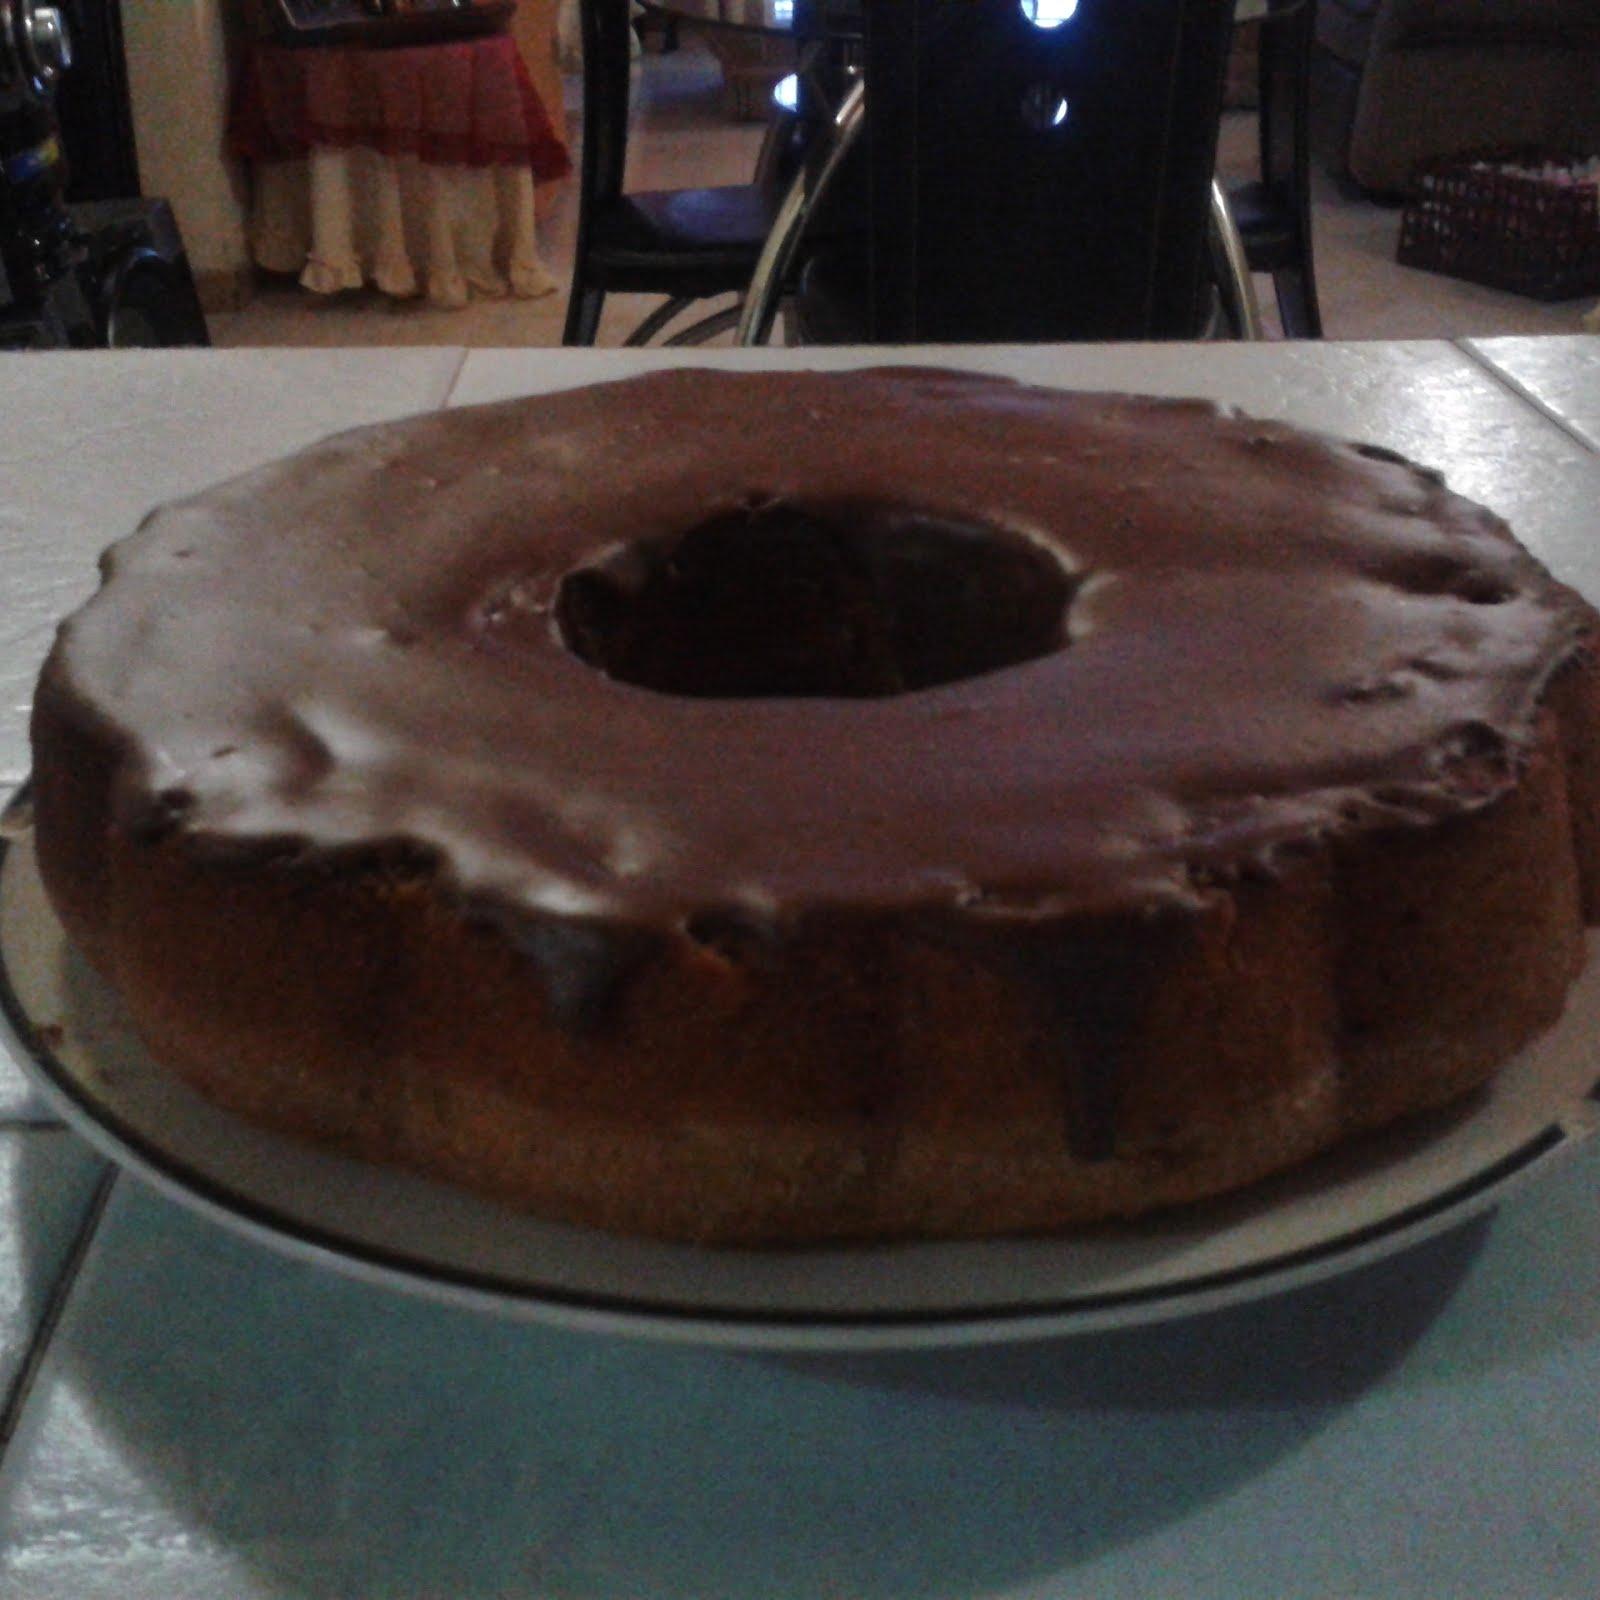 torta de vainilla cubierta de chocolate